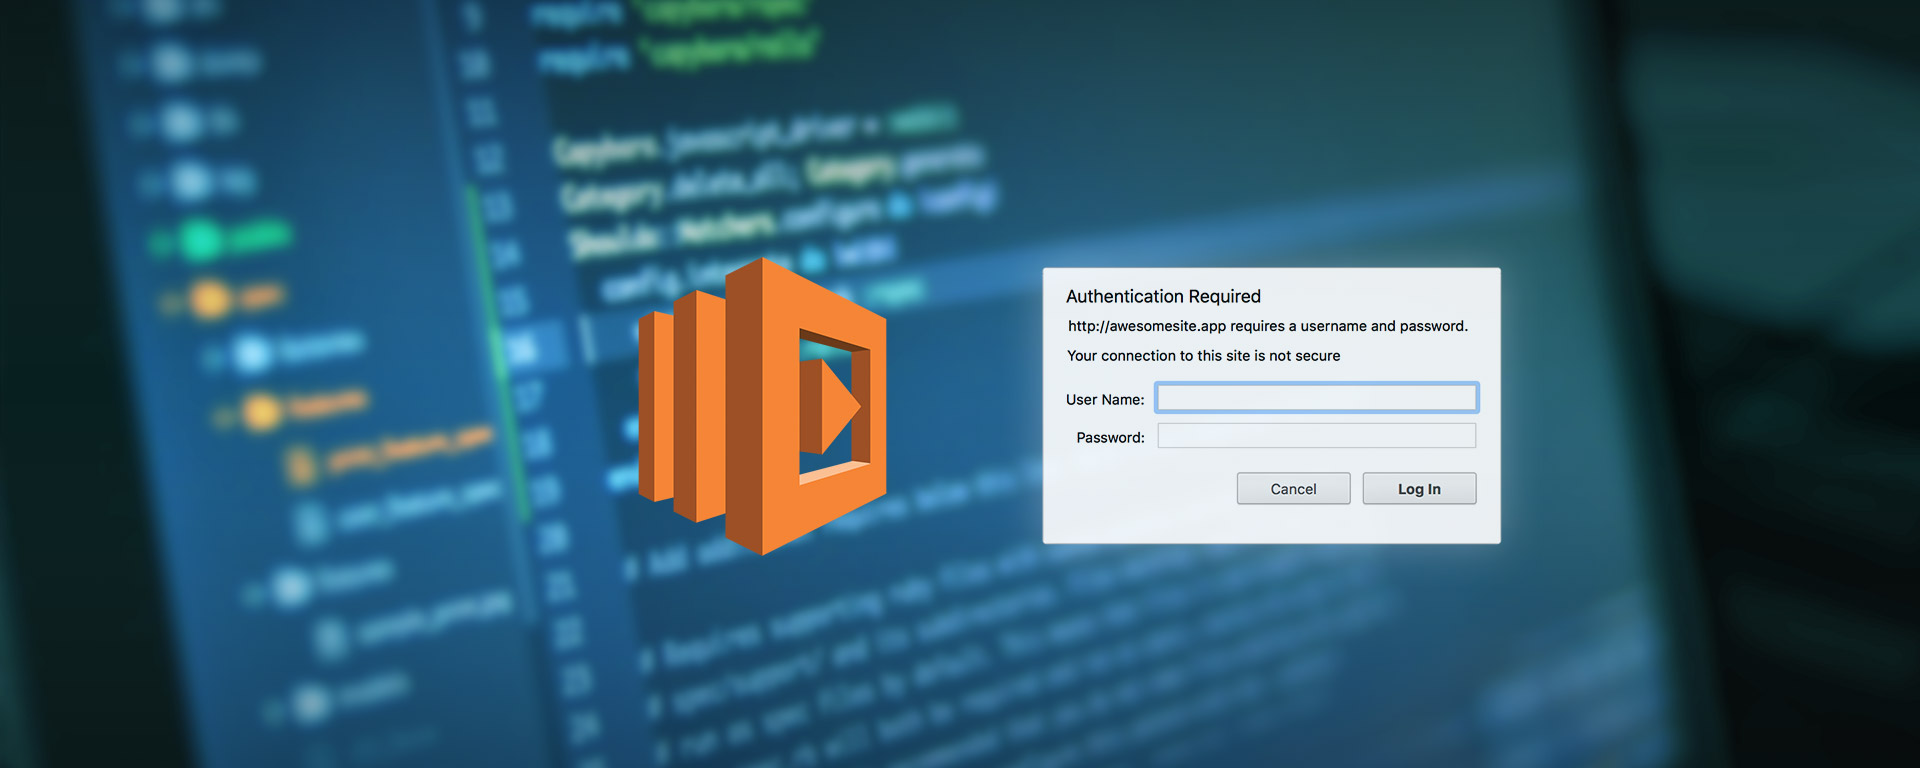 CloudFront + S3 + Lambda@EdgeでBasic認証付きお手軽 静的サイト ( ランディングページ ) 環境を作った